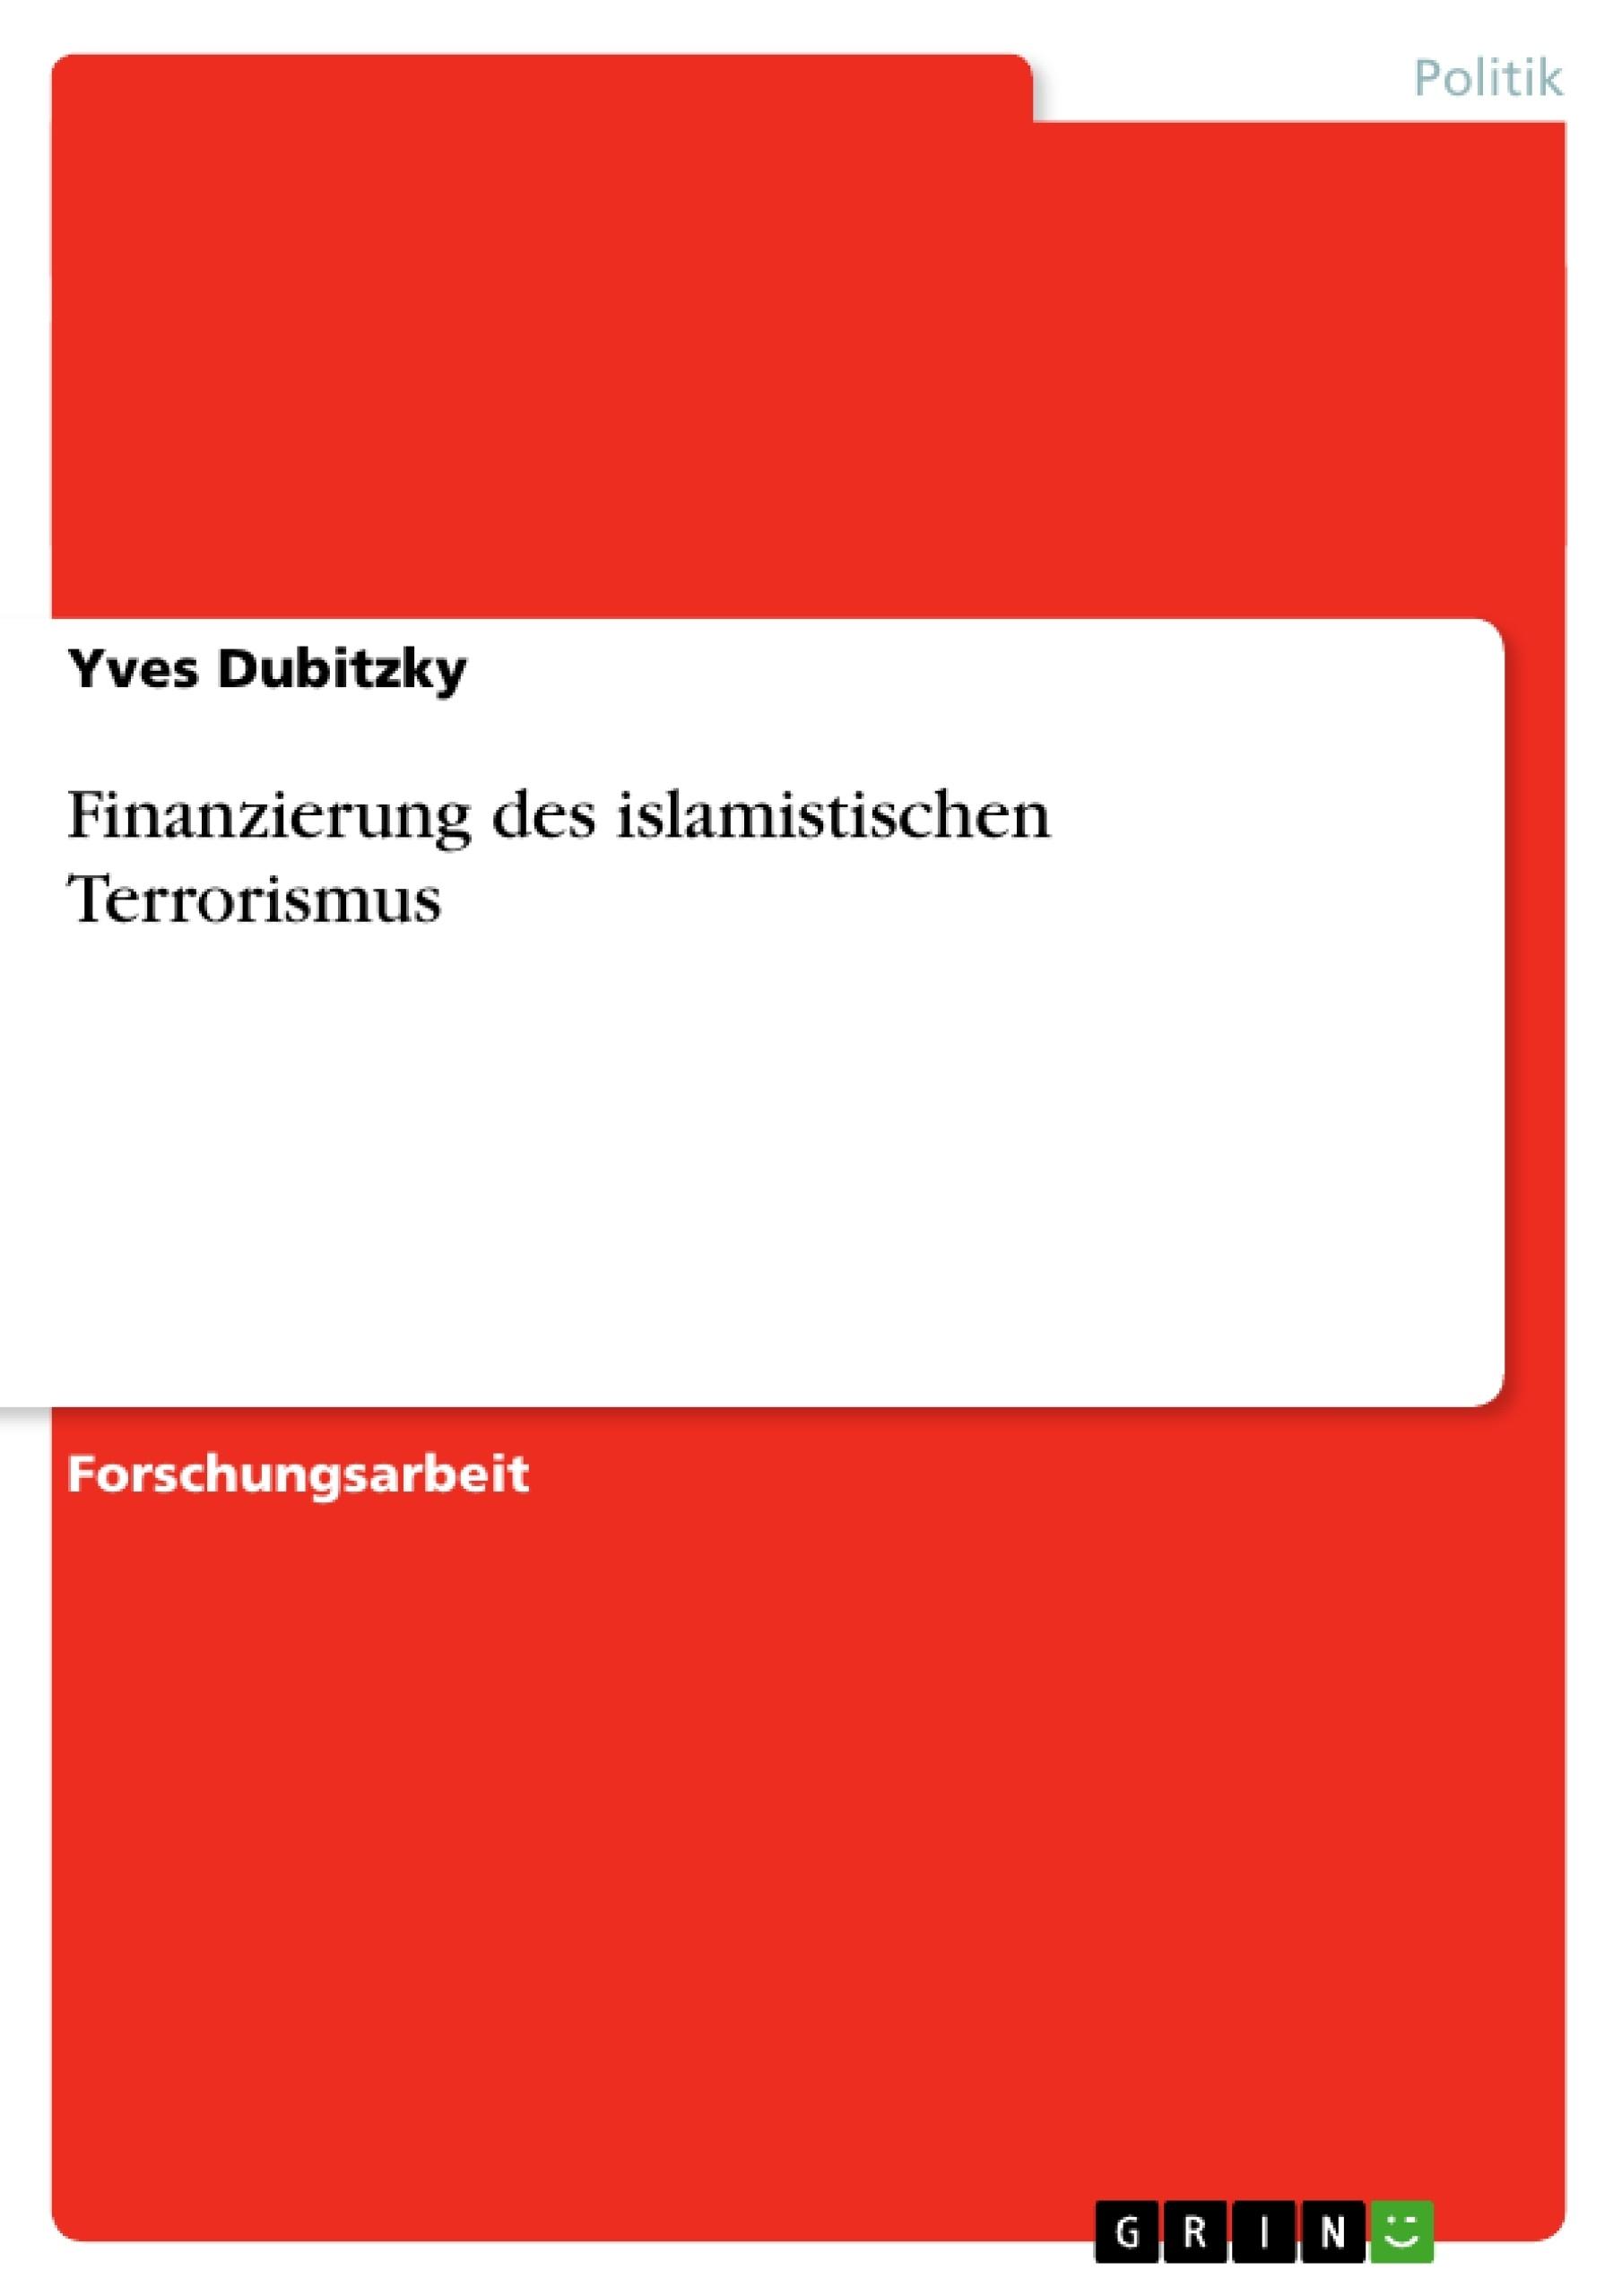 Titel: Finanzierung des islamistischen Terrorismus